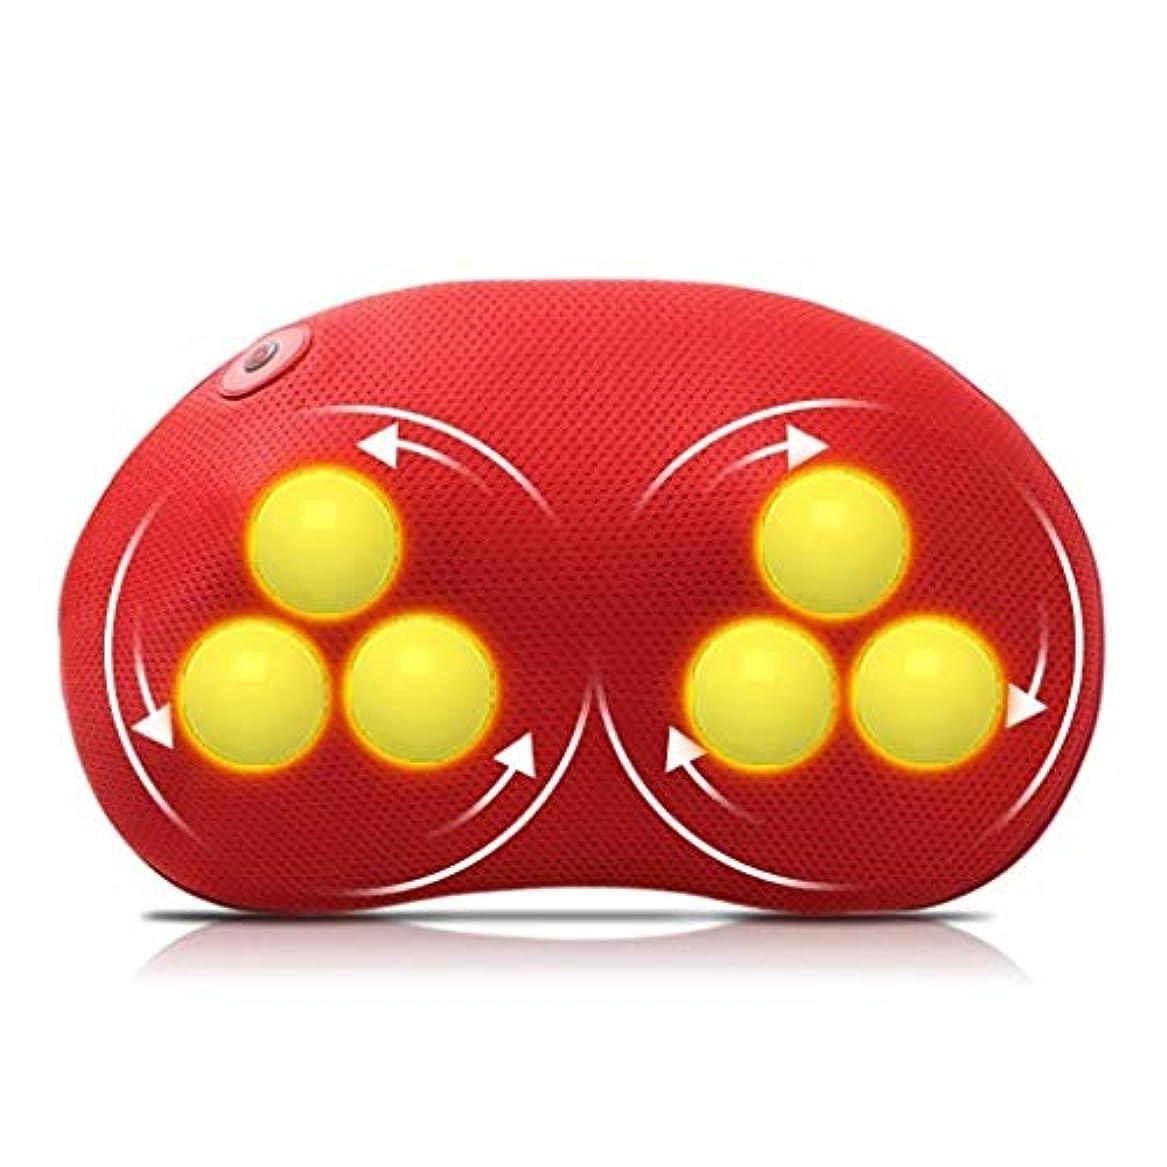 津波宇宙船独立マッサージ枕、首と背中の3Dマッサージ、熱、深練り、首と背中、肩のリラクゼーション筋肉、ホームオフィスでの使用 (Color : 赤)